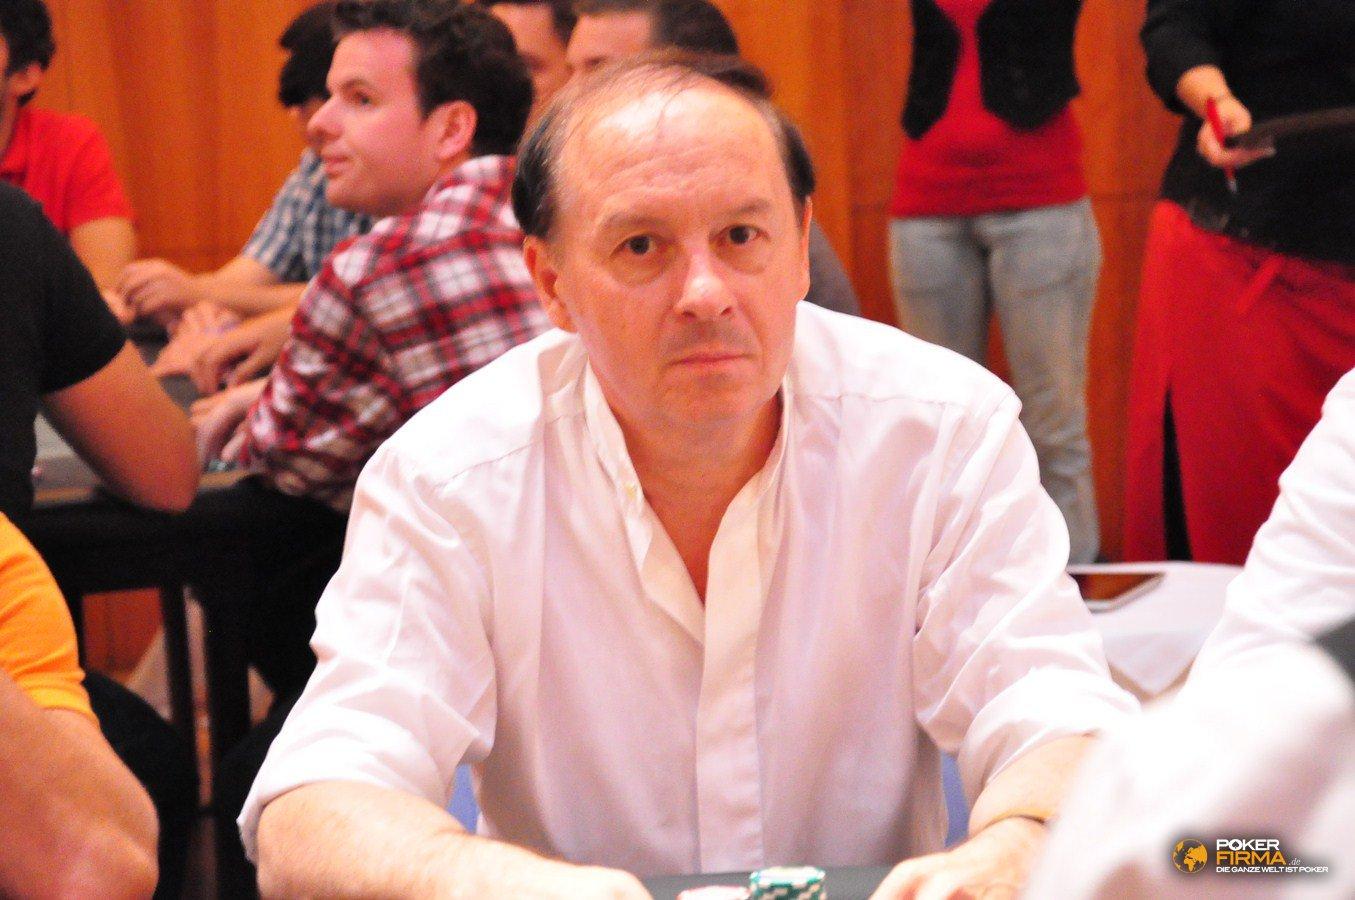 CAPT-Velden-2012-Main-Event-16.JPG